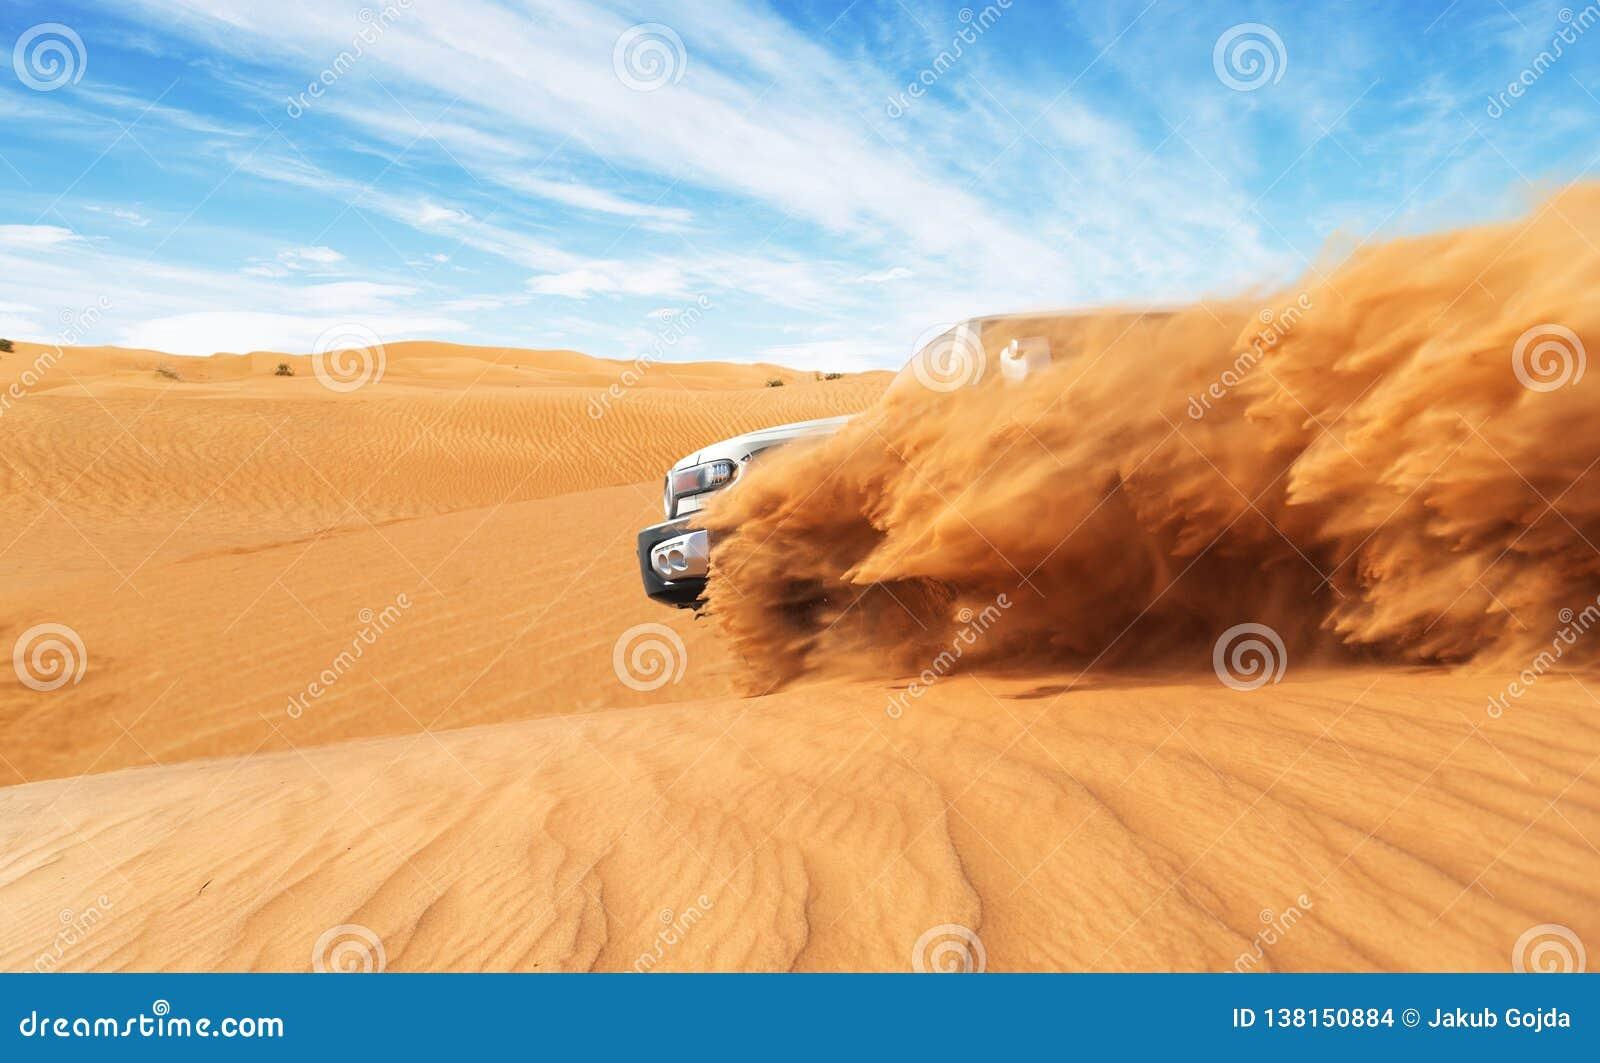 Carro offroad de derivação 4x4 no deserto